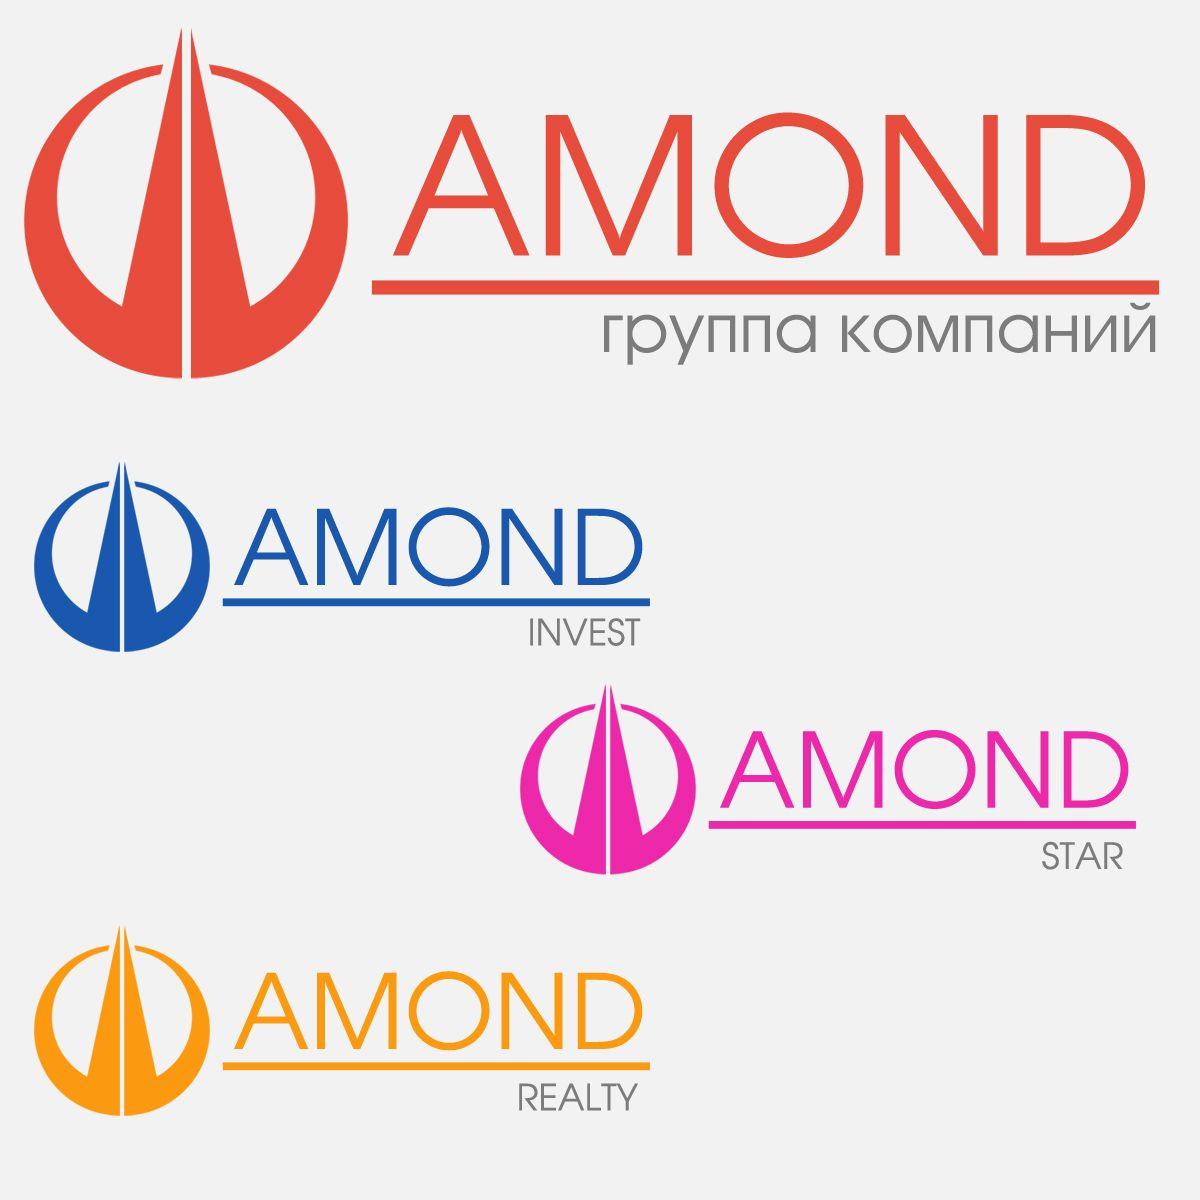 Логотип для группы компаний  - дизайнер Mio-